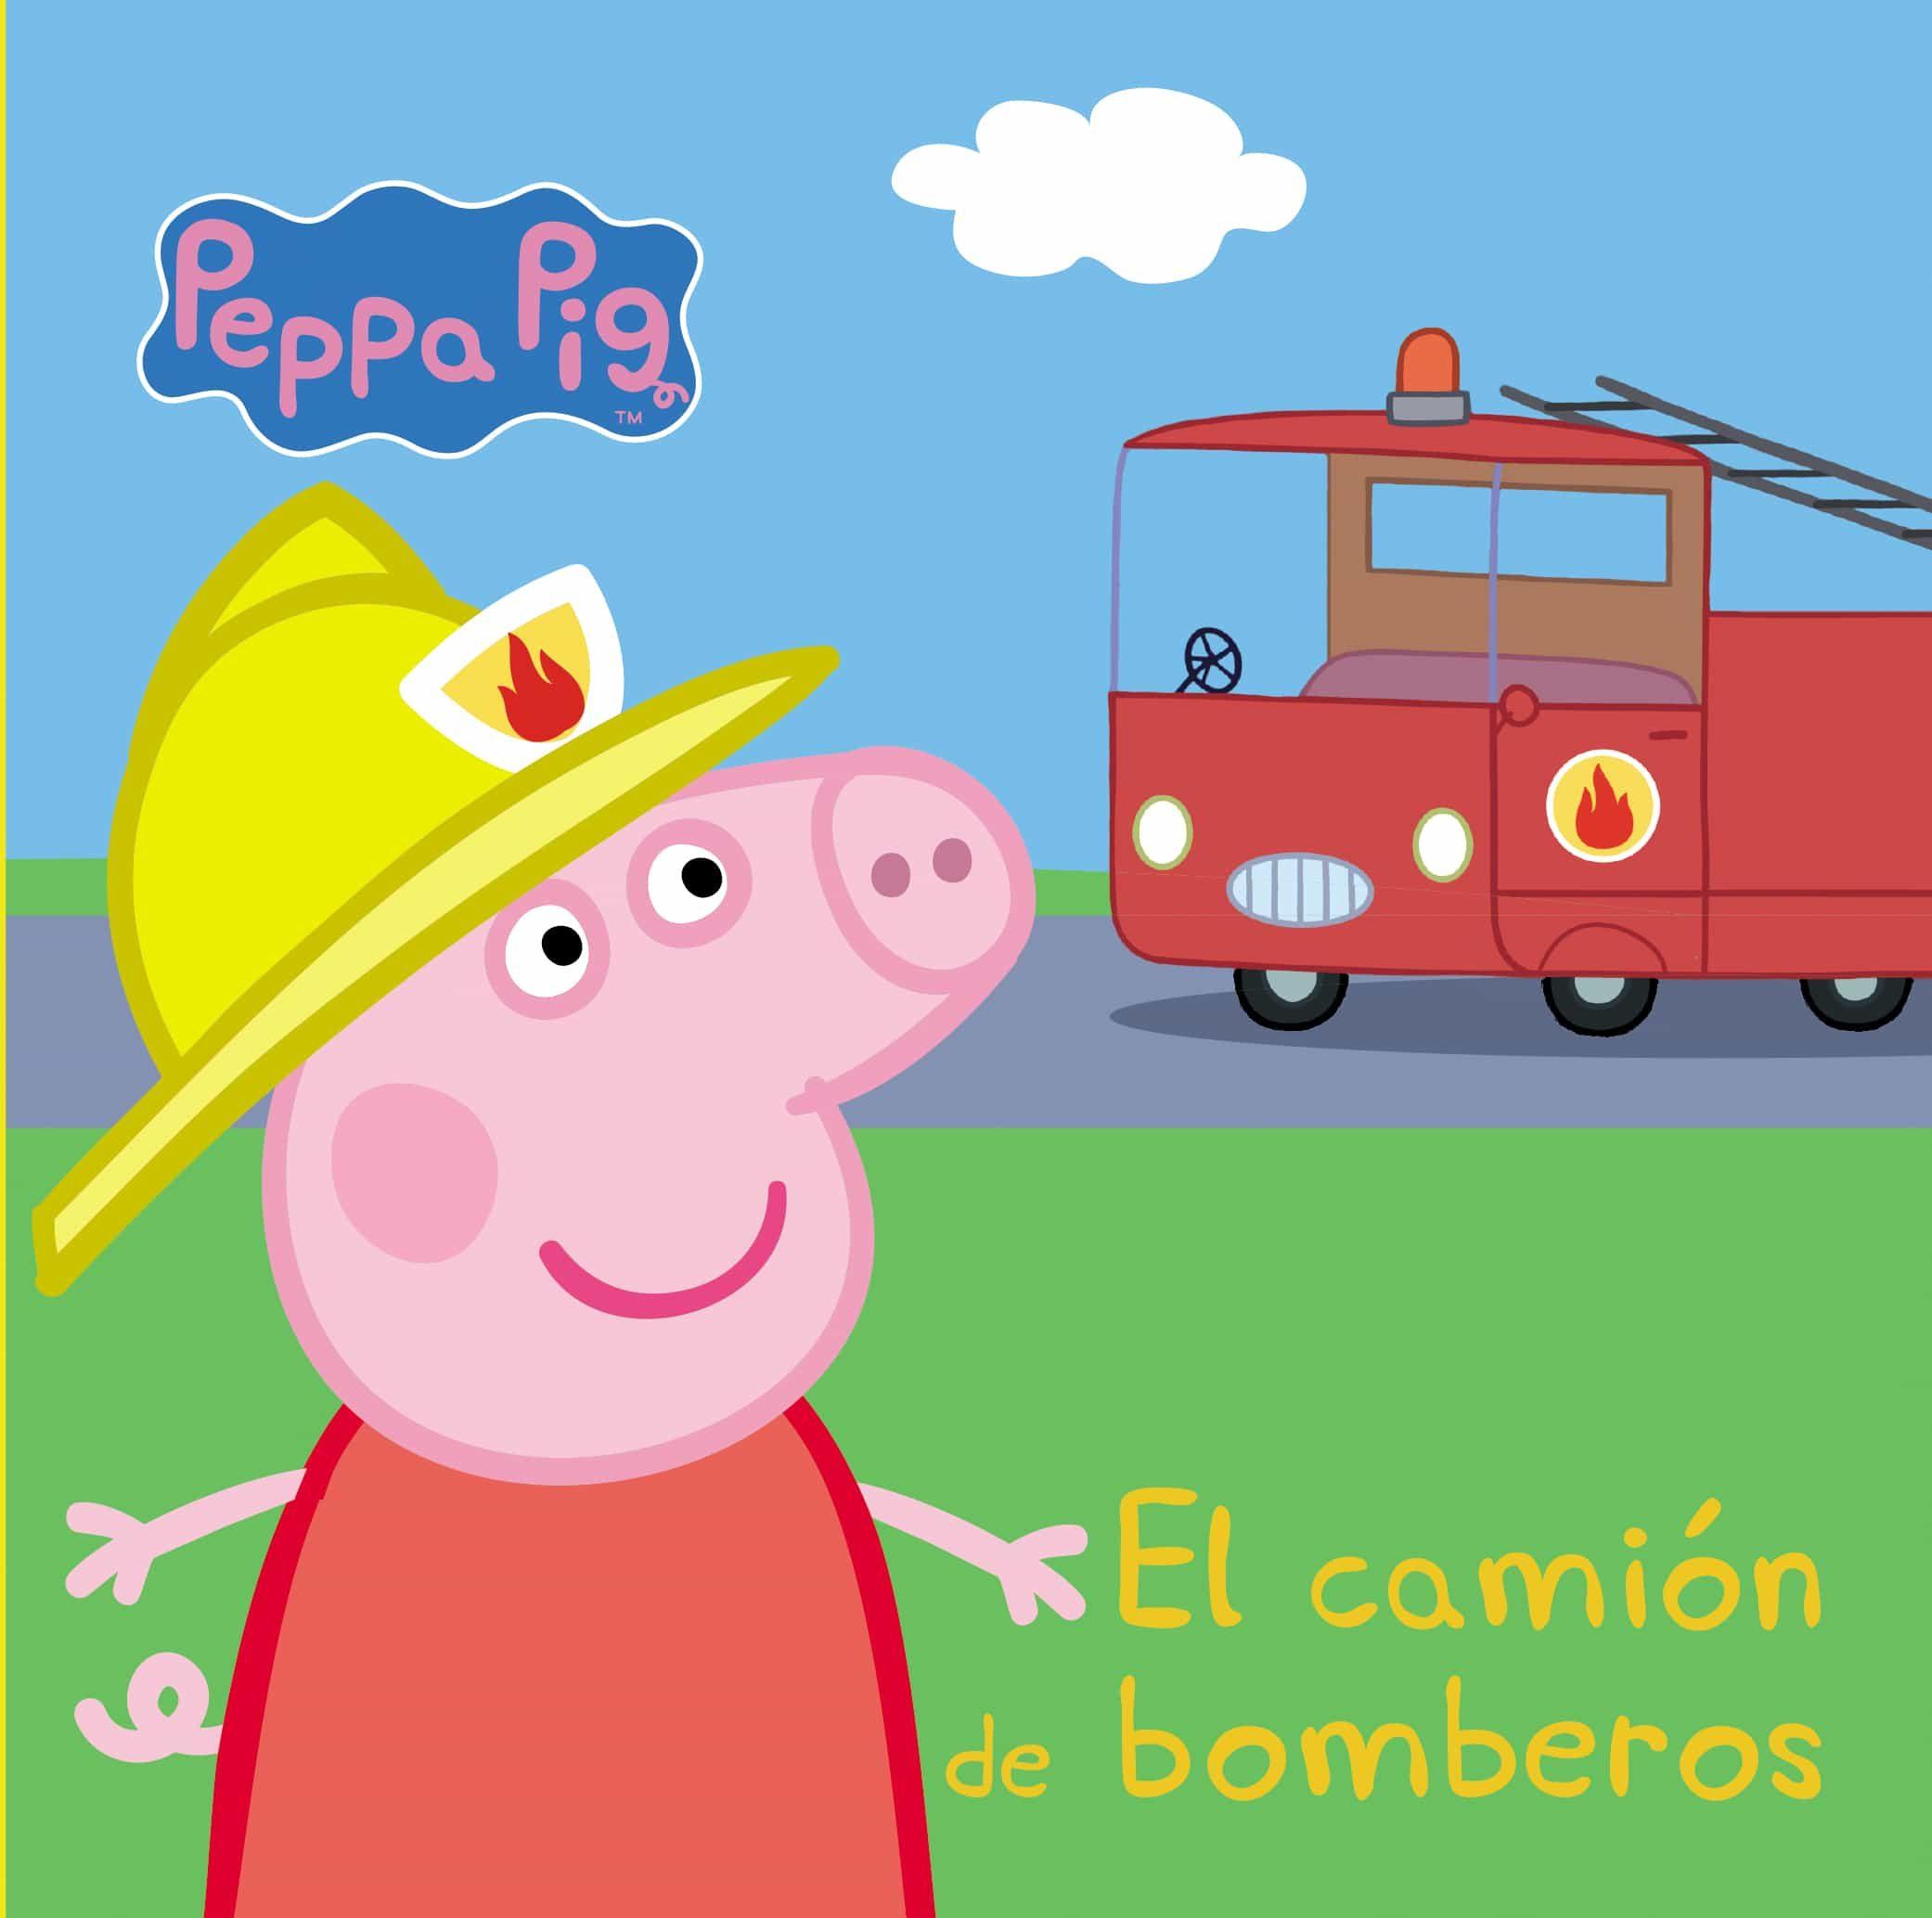 Imagenes de animacion de pepa pig mejor conjunto de frases for Imagenes de animacion